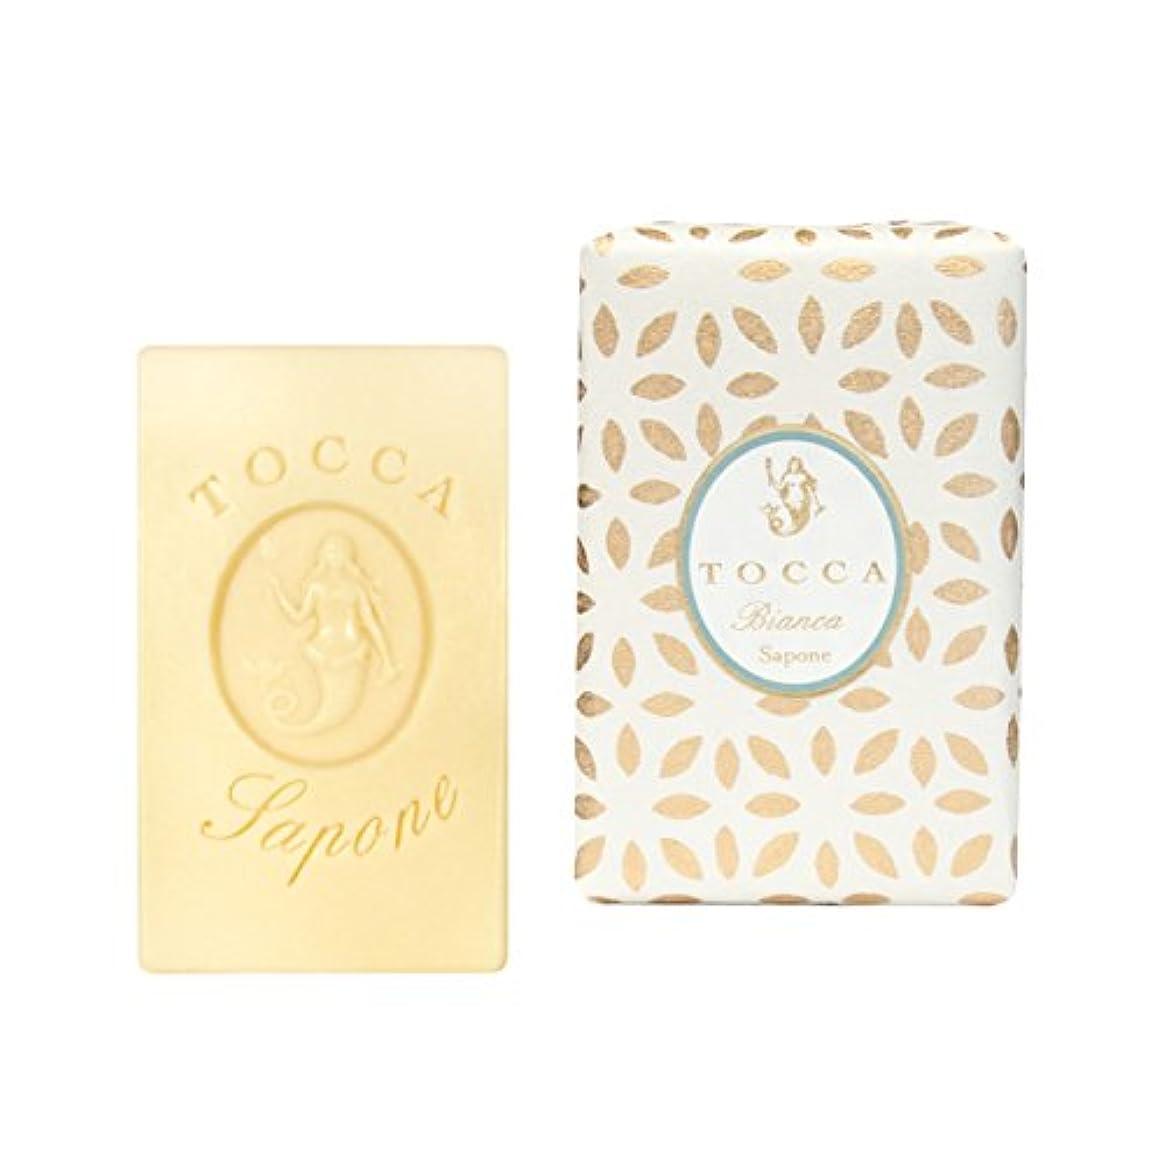 結紮湿地原始的なトッカ(TOCCA) ソープバー ビアンカの香り 113g(化粧石けん シトラスとグリーンティー、ローズが絶妙に溶け合ったほのかに甘さ漂うフレッシュな香り)